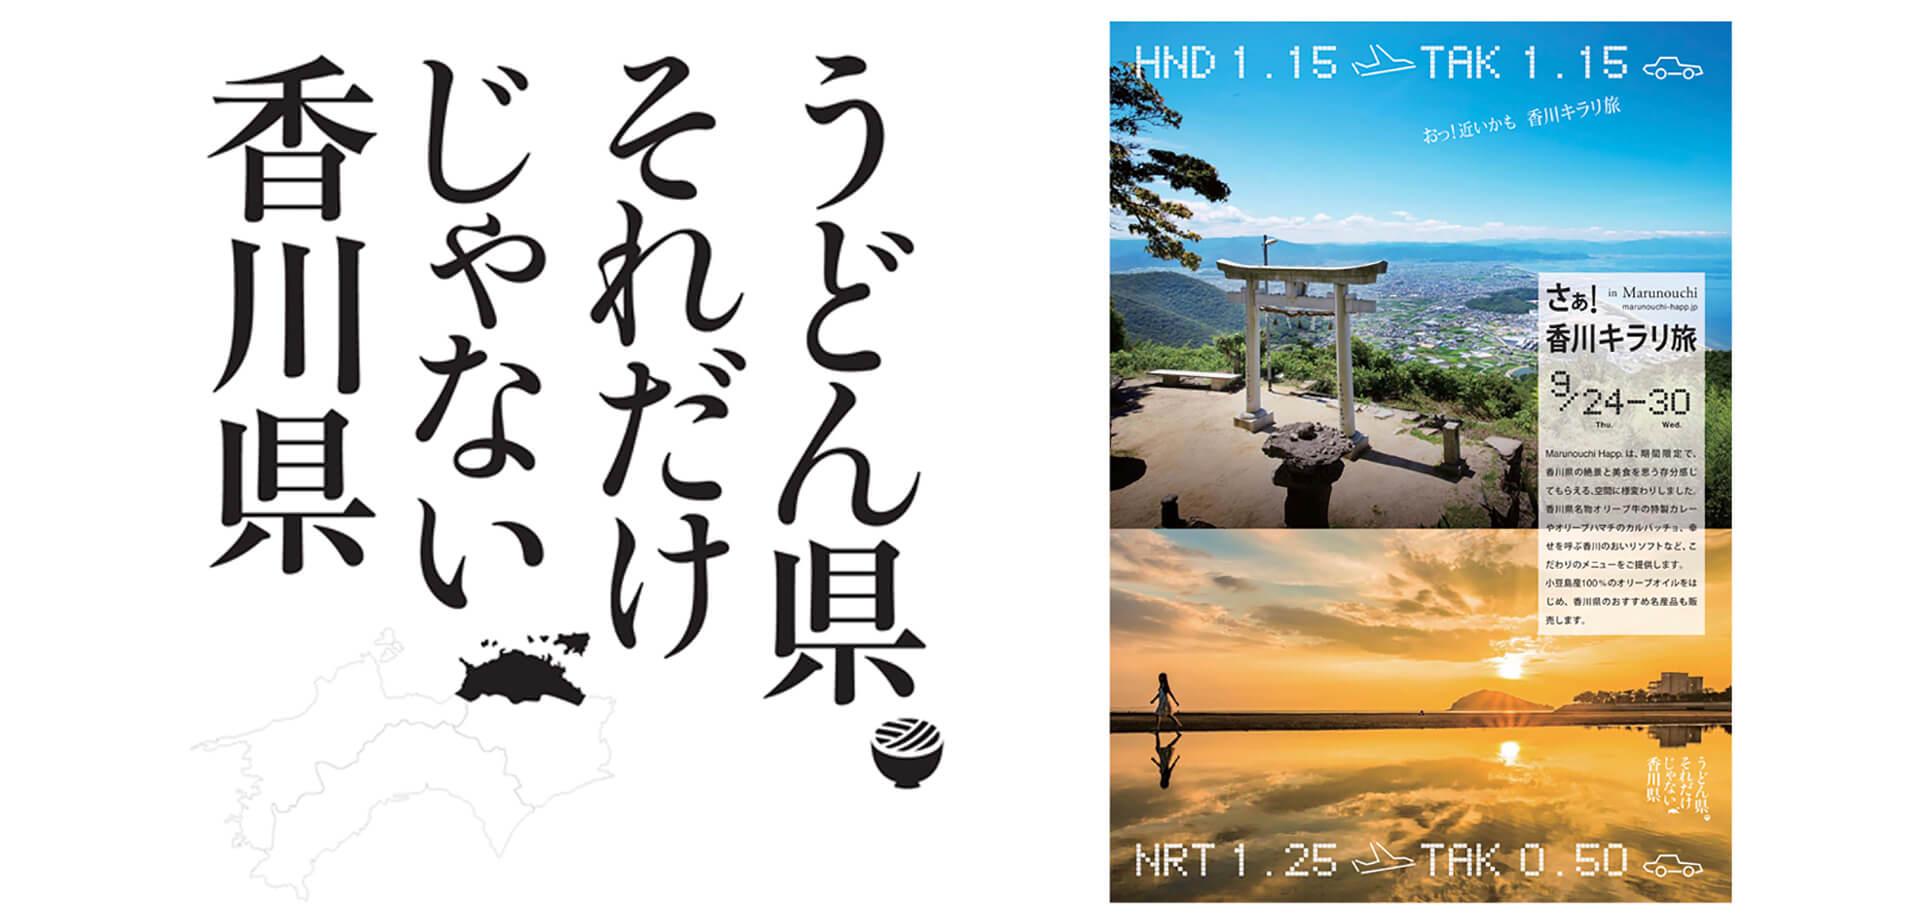 さあ!香川キラリ旅 in Marunouchi